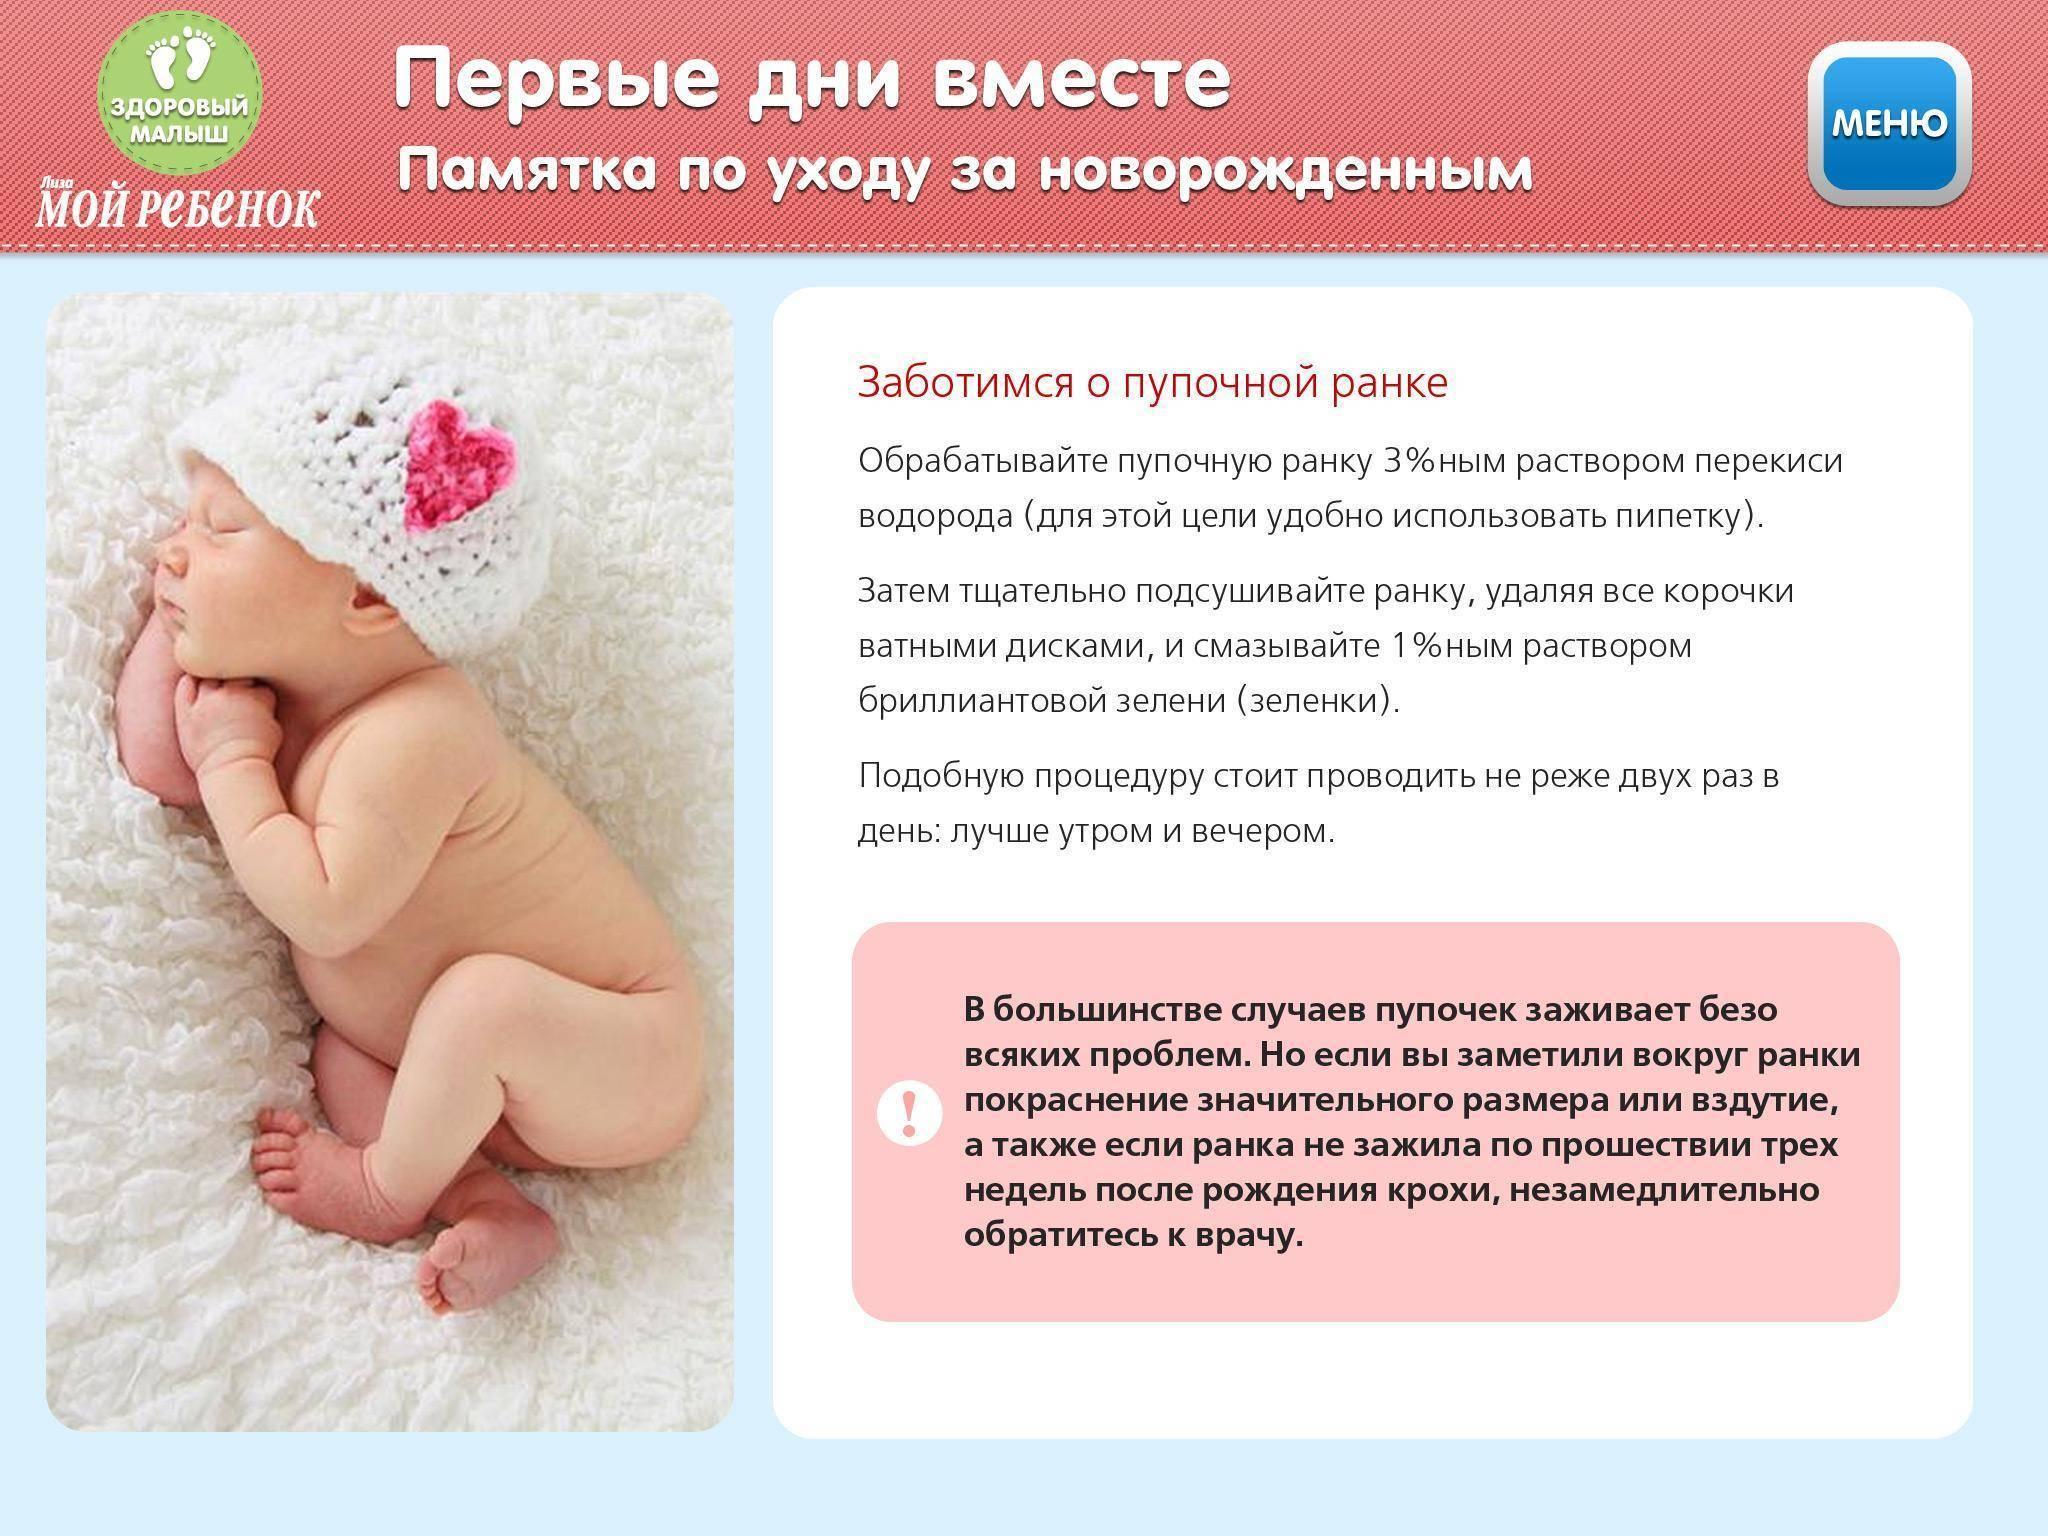 Уход за новорожденным в первый месяц жизни - основные правила